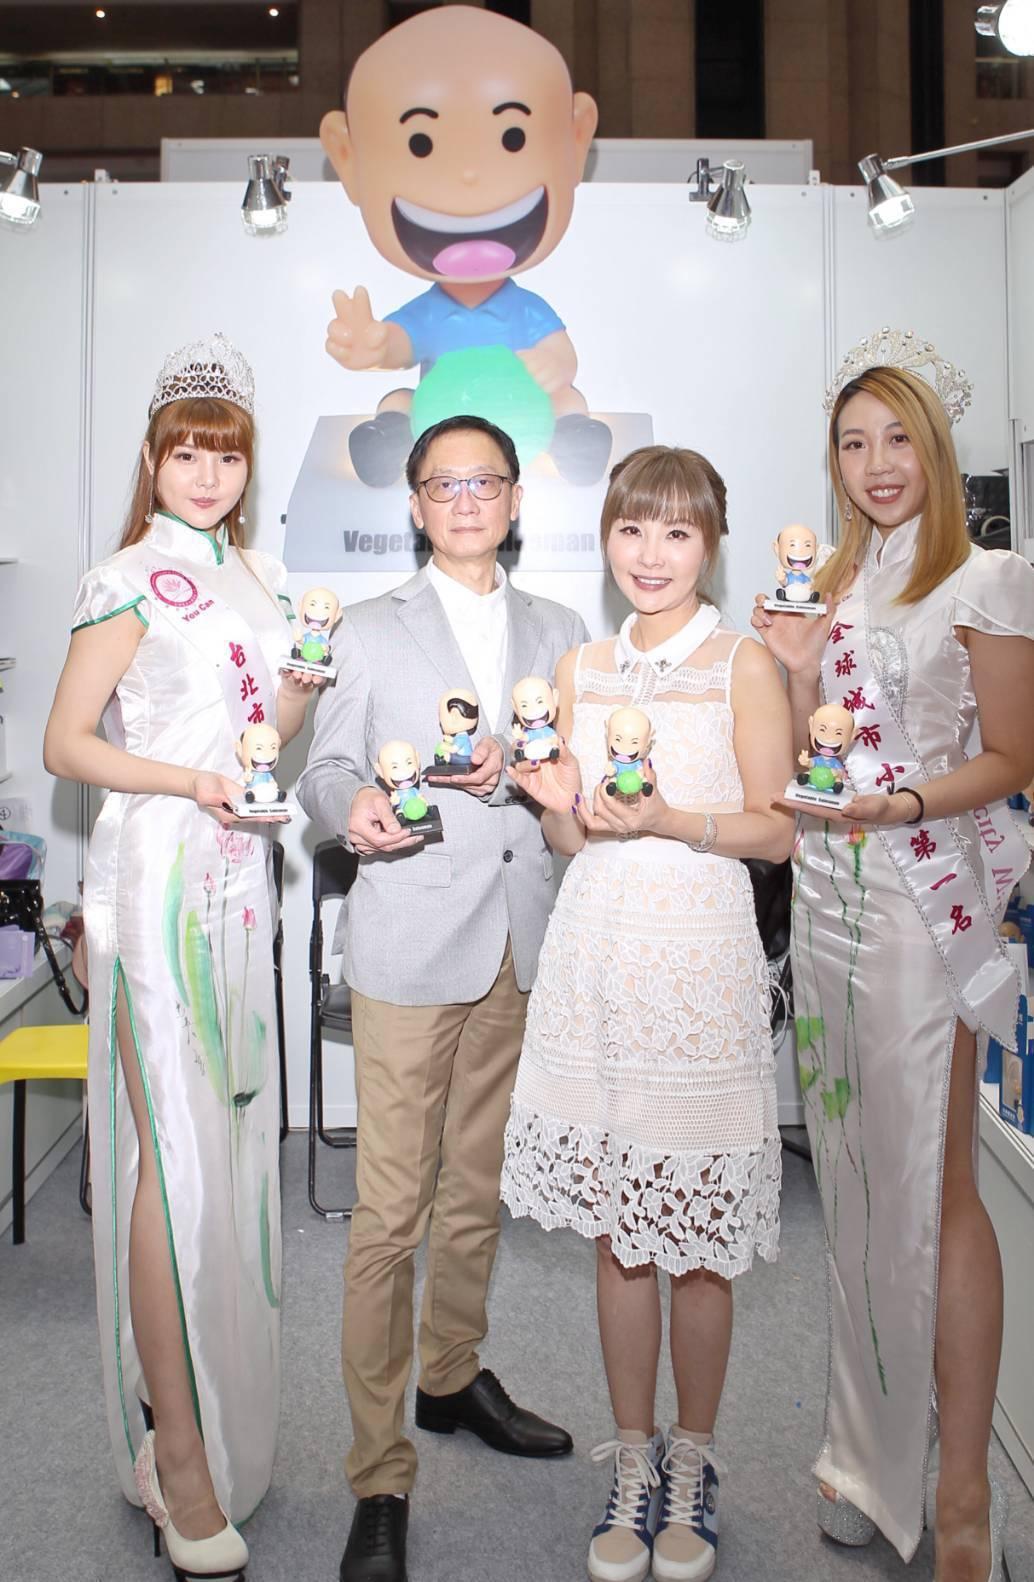 選美皇后彭琬婷(左起)、王興華、記者會主持人許聖梅、選美皇后賴韋如希望透過公仔的